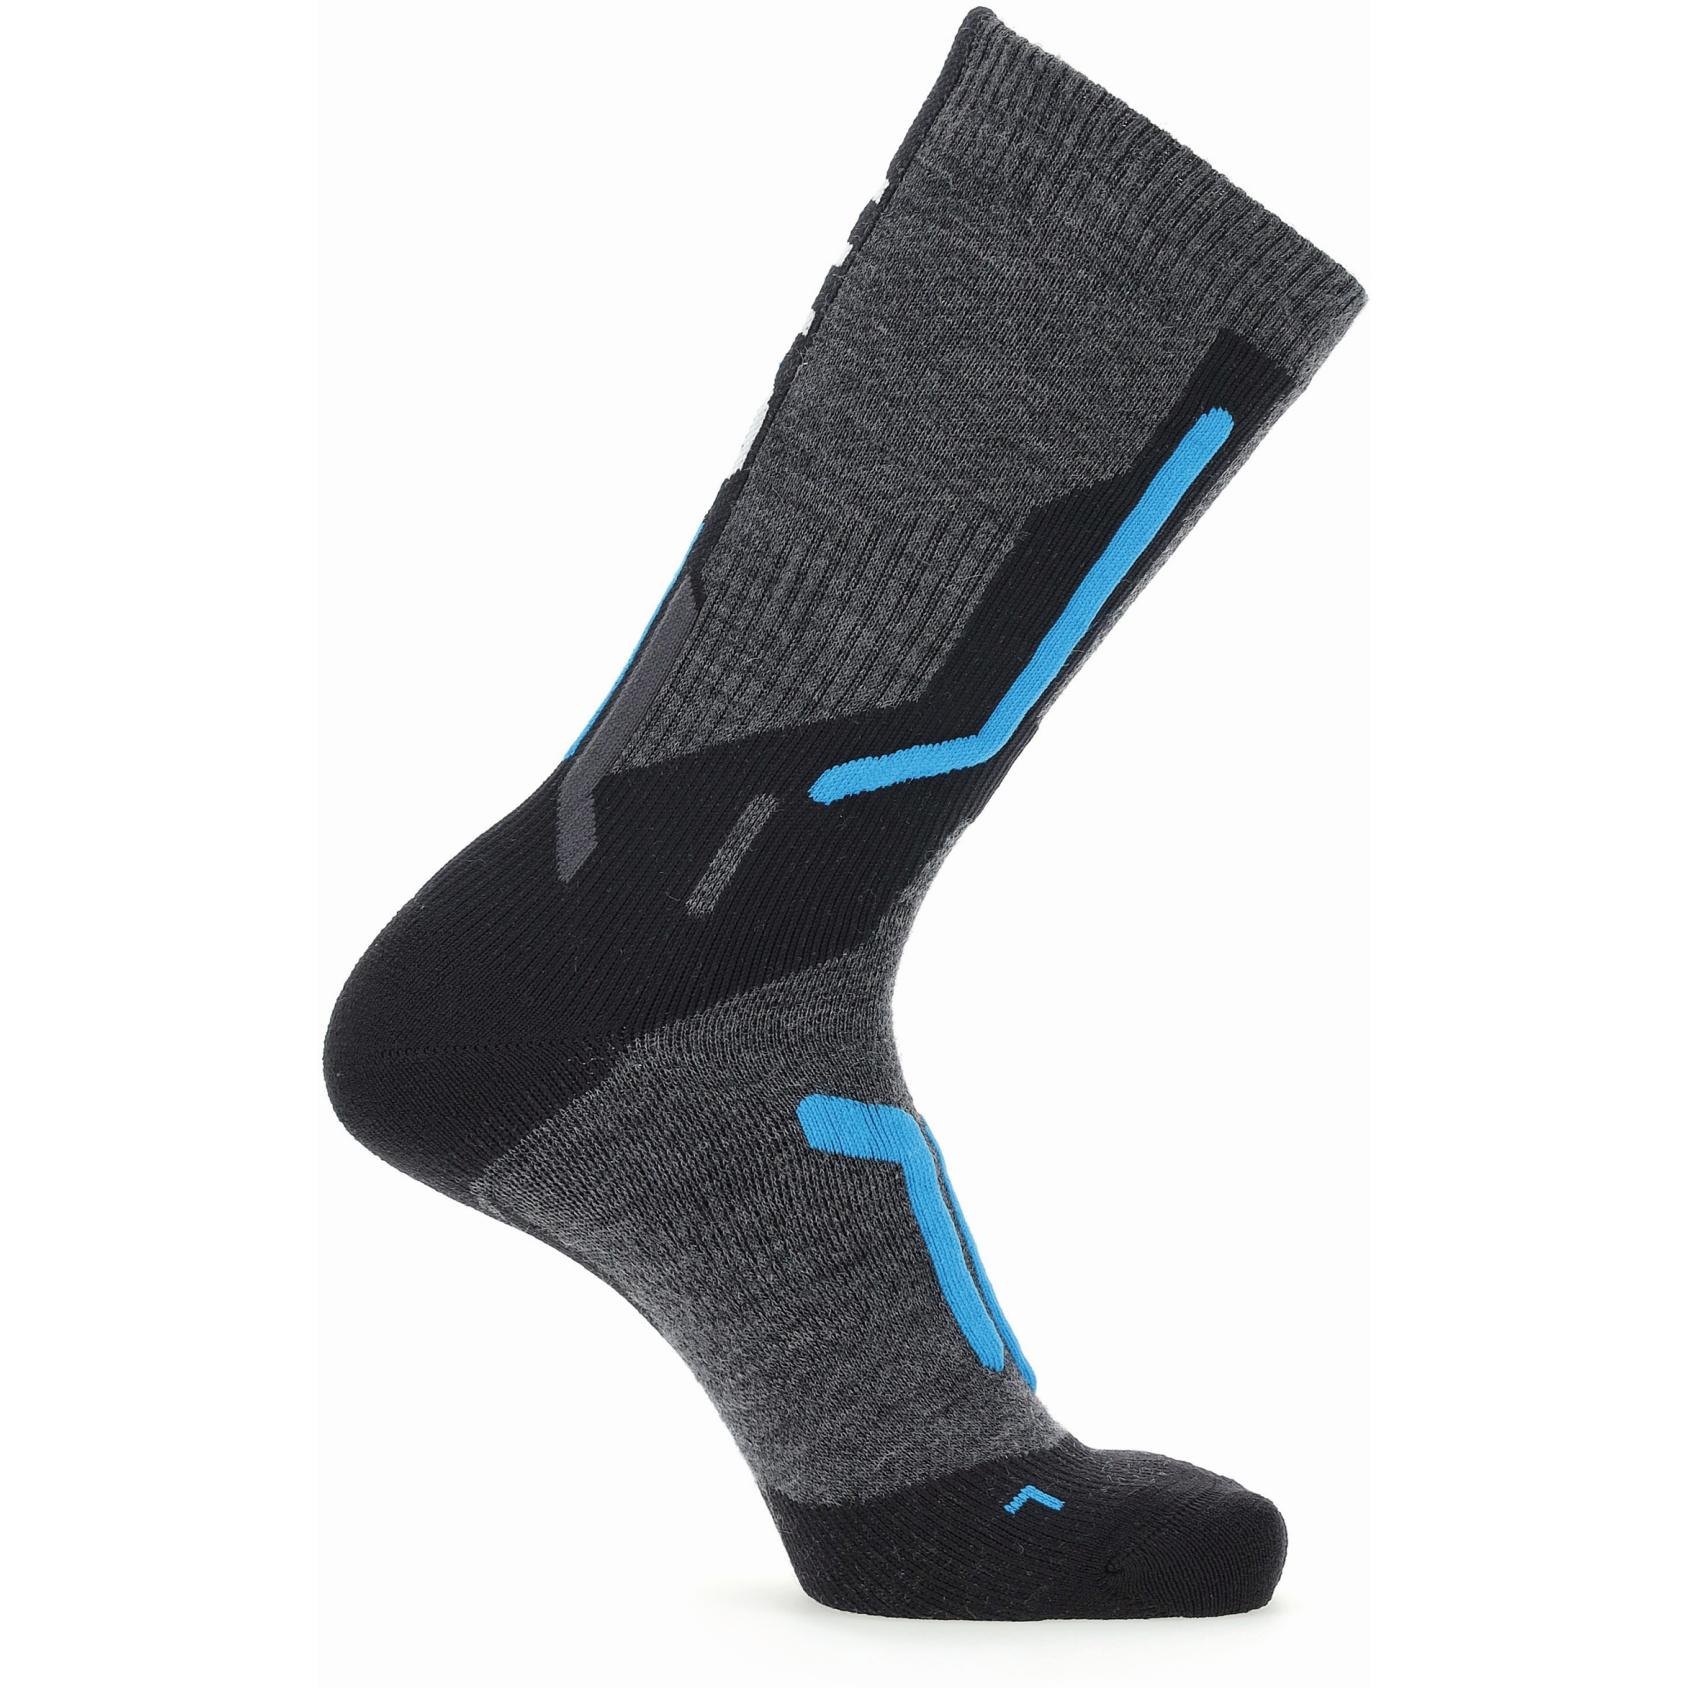 Bild von UYN Ski Cross Country 2In Socken - Anthracite/Blue